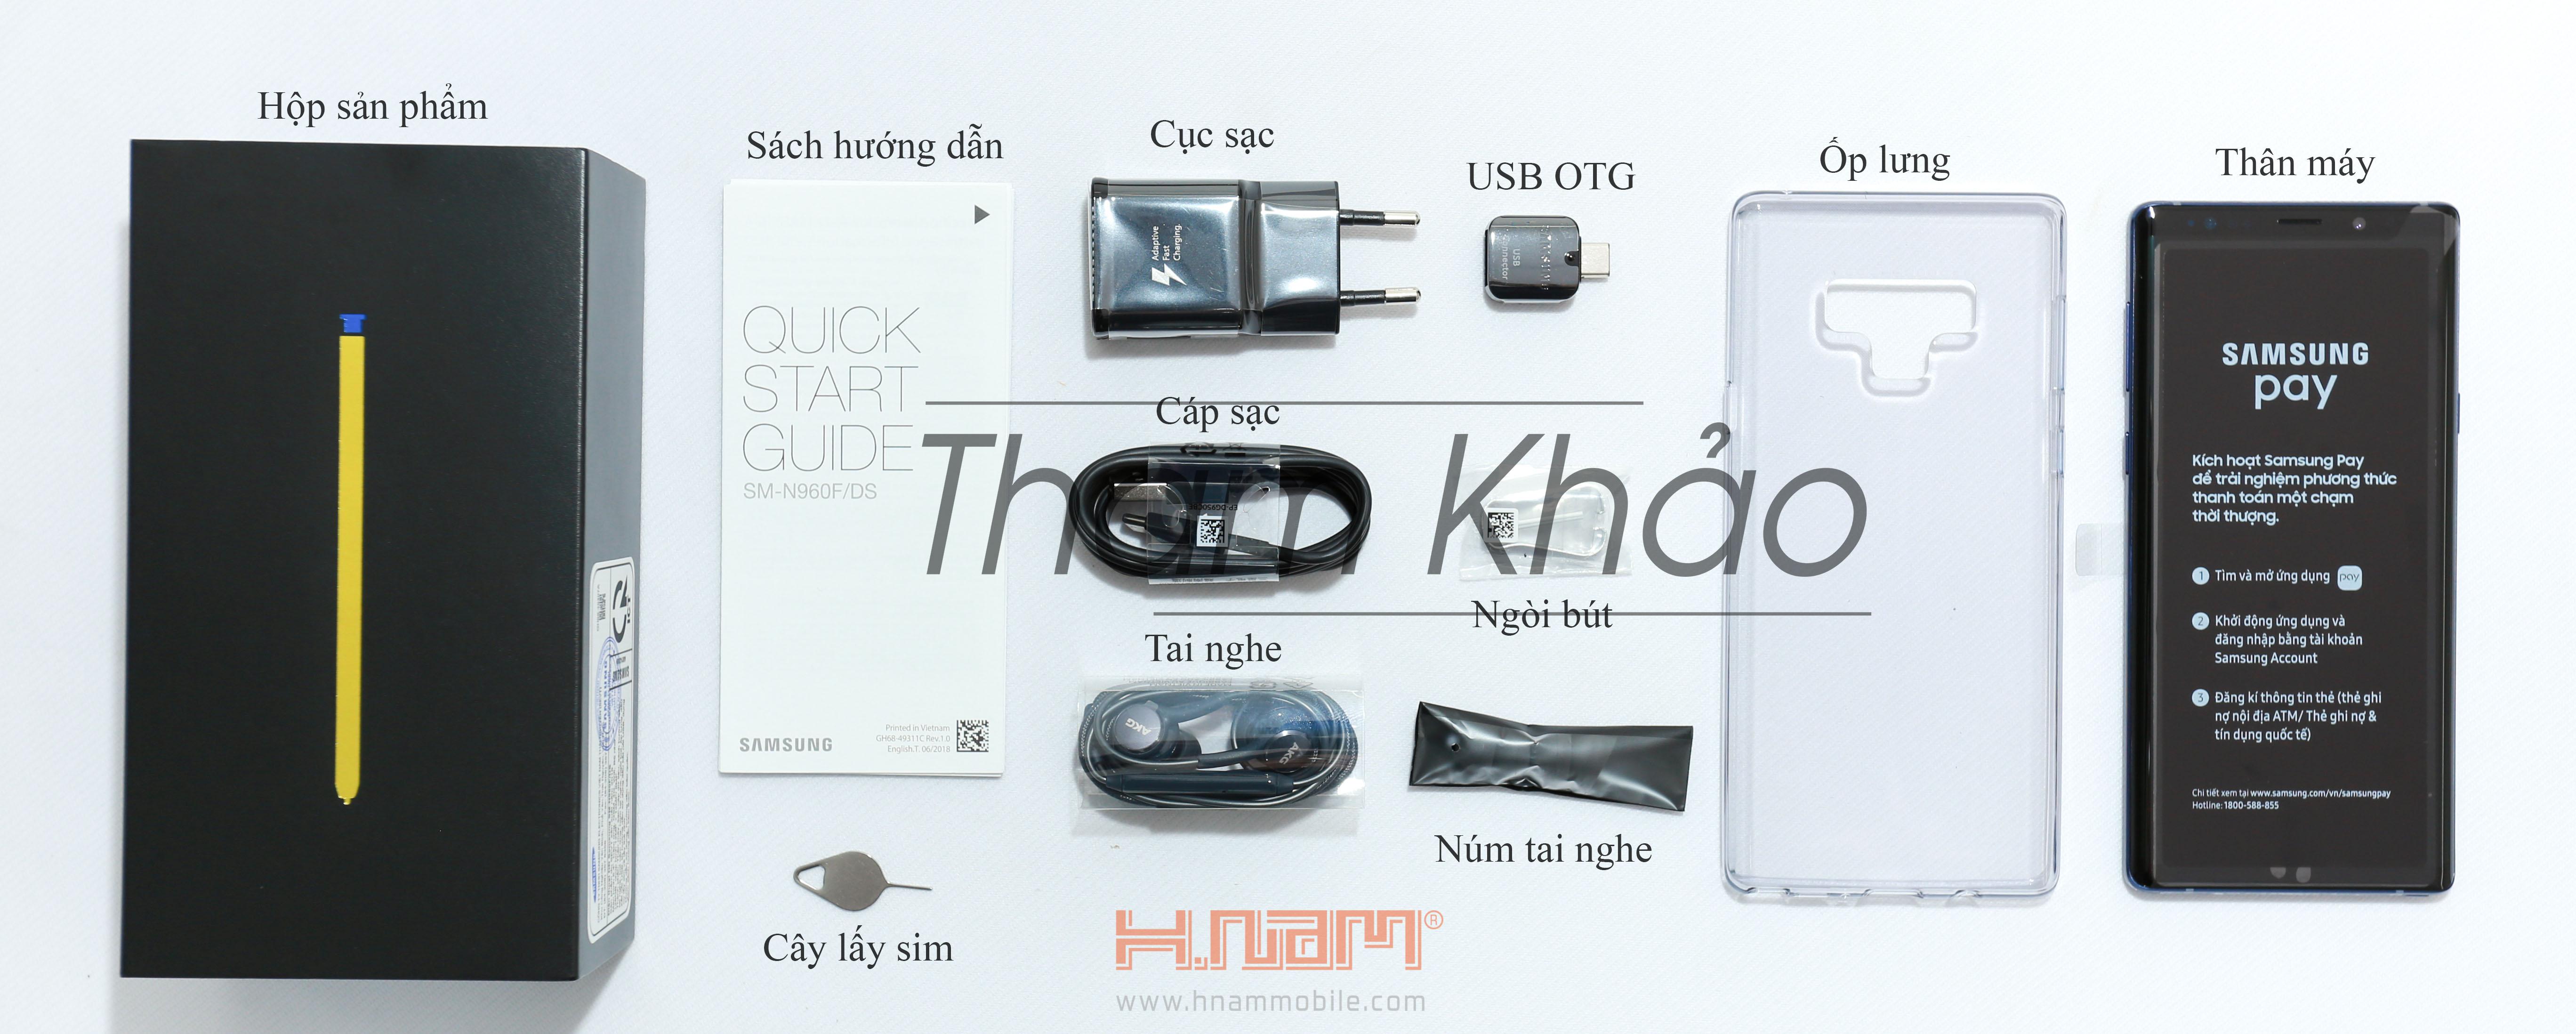 Samsung Galaxy Note 9 hình sản phẩm 0